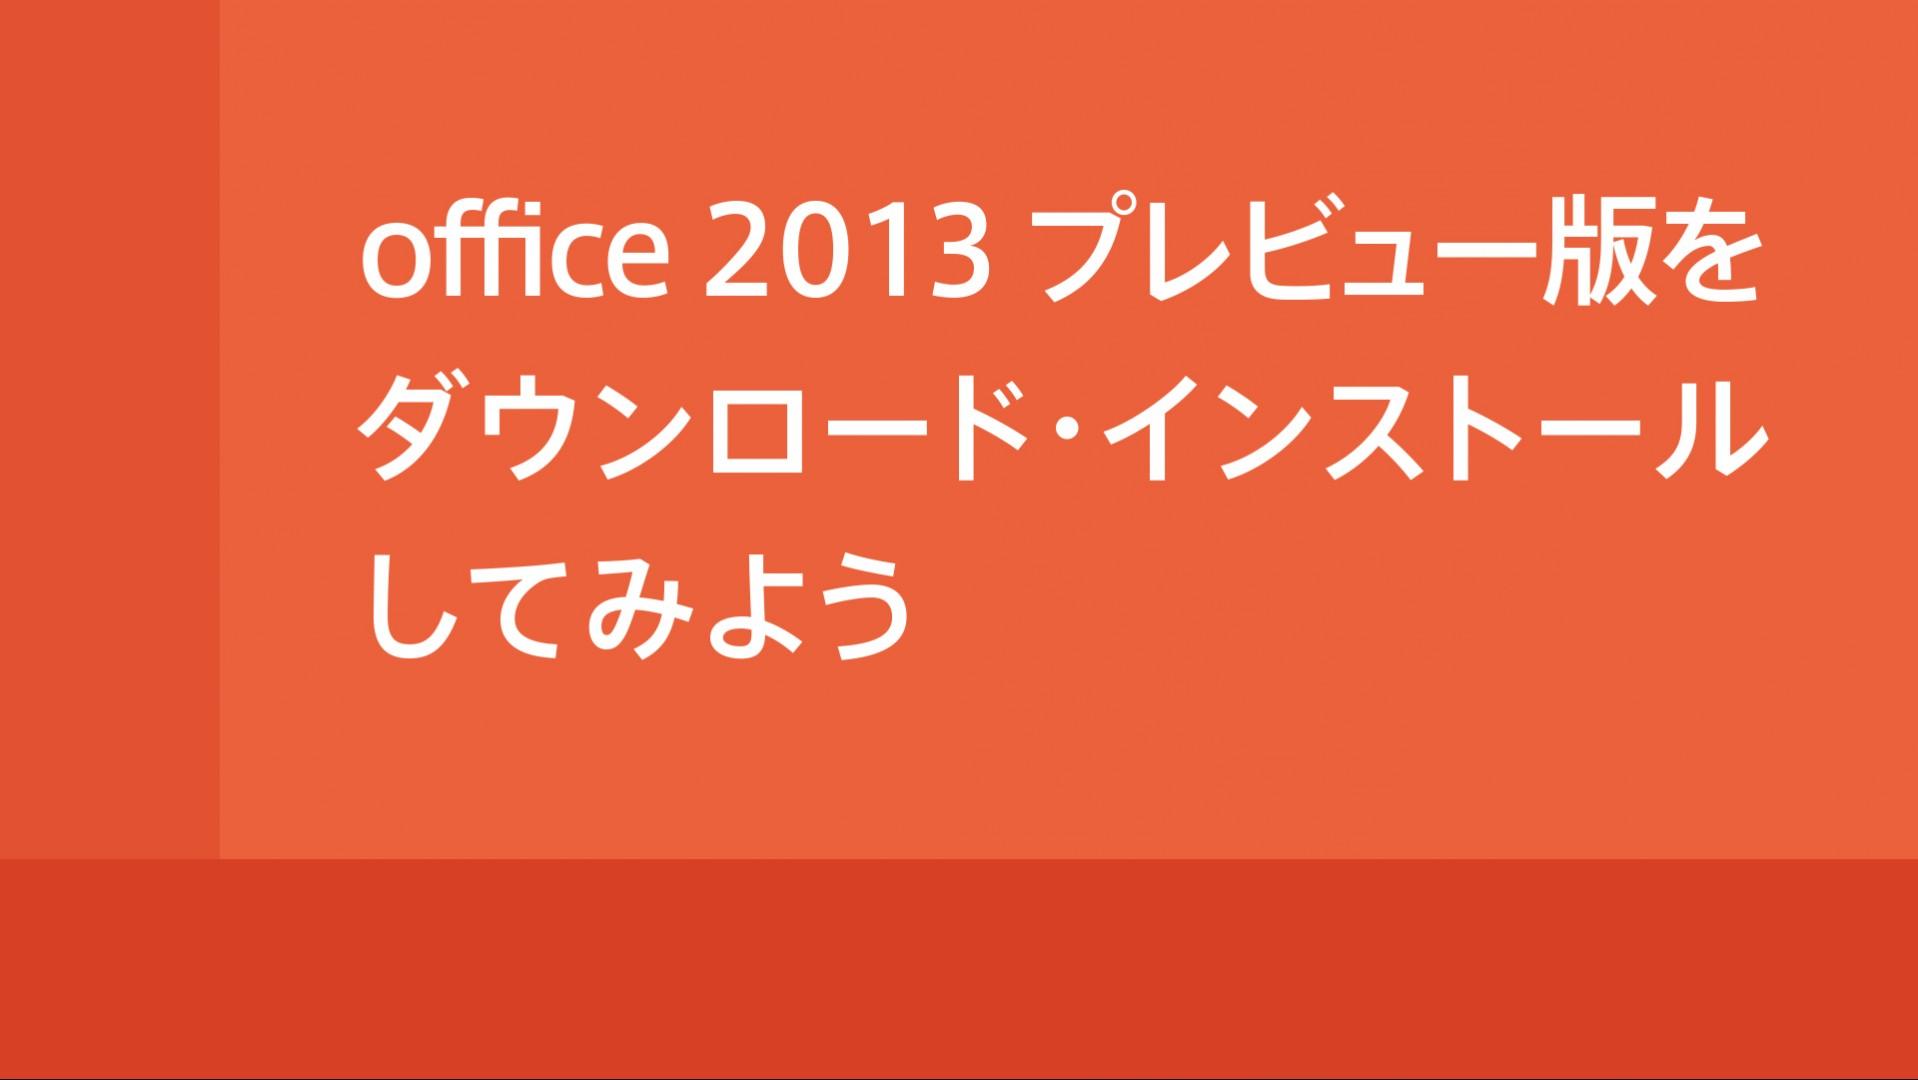 Office 2013 プレビュー版をダウンロードする